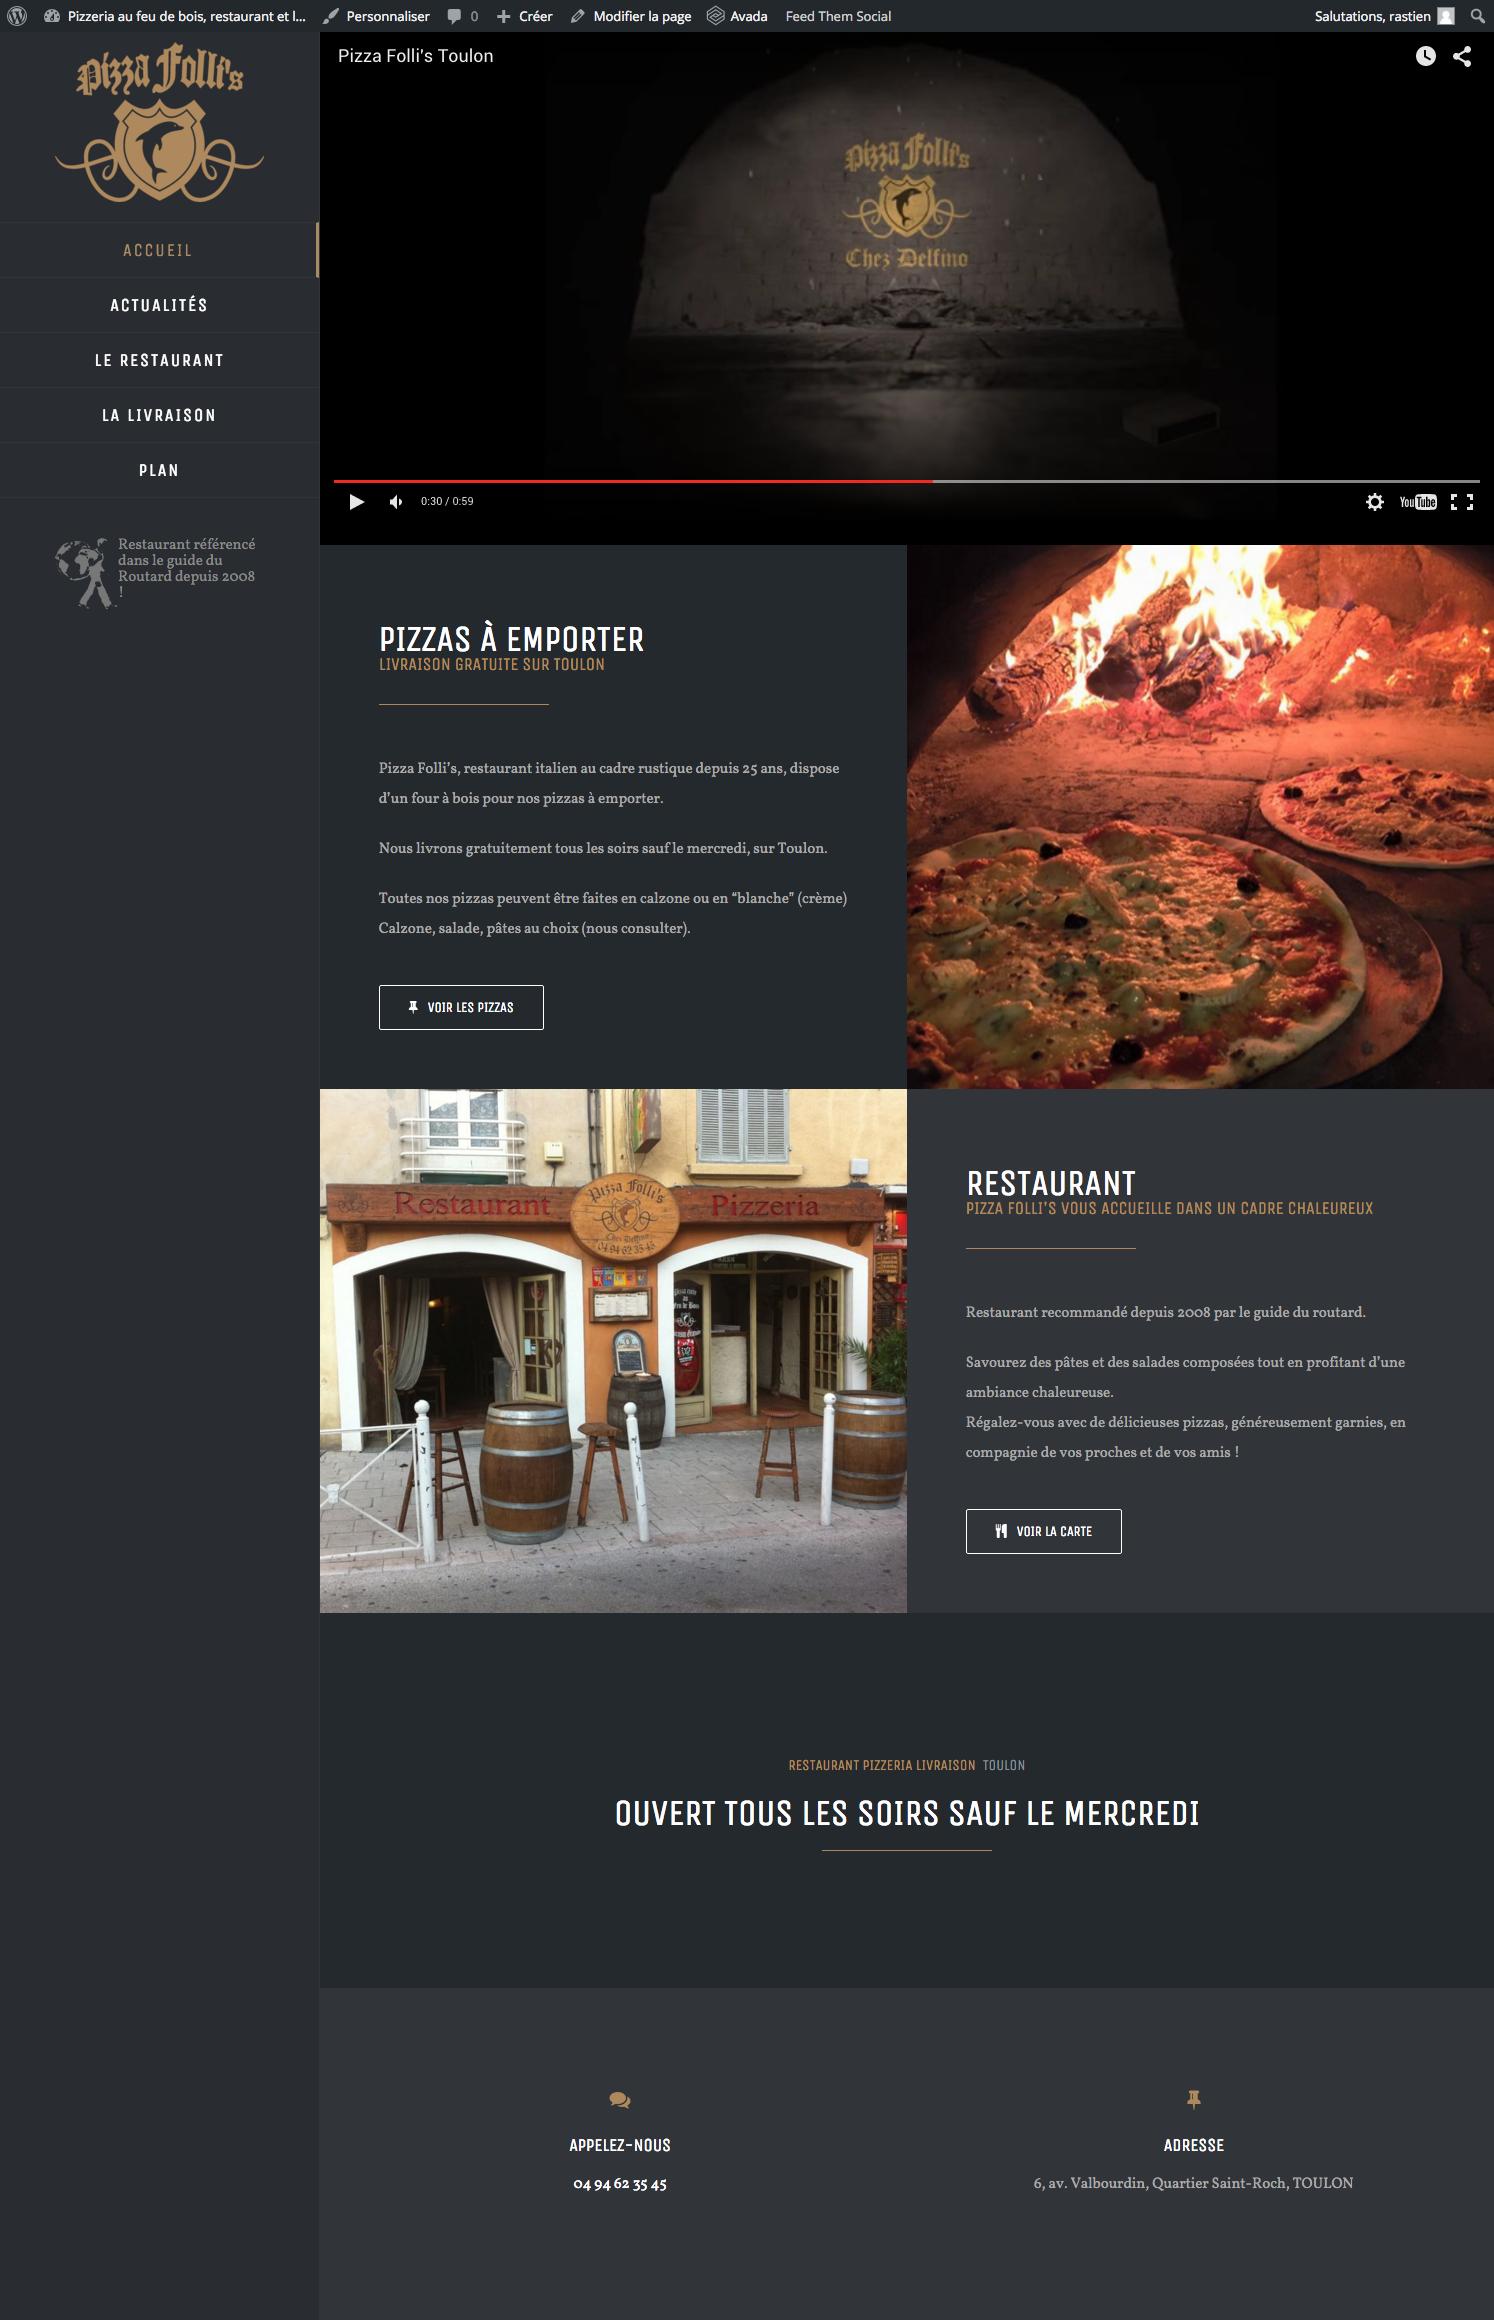 FireShot-Capture-7-Pizzeria-au-feu-de-bois-restaurant-et-livraison-su_-http___pizza-follis.com_.png